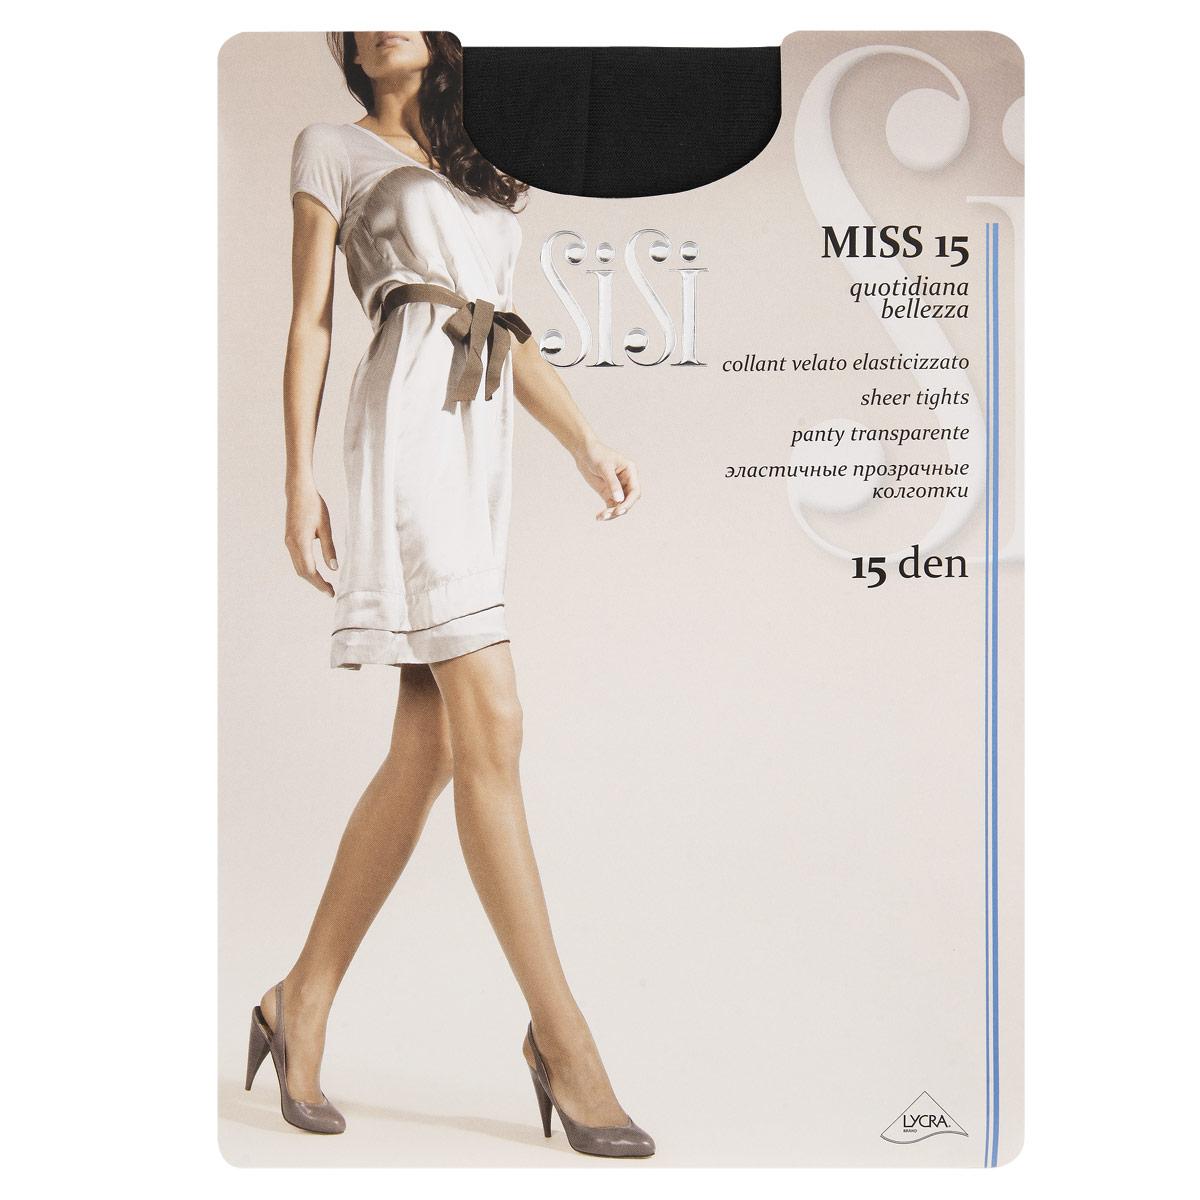 Колготки Sisi Miss 15. Nero (черный). Размер 5-XL колготки sisi style размер 2 плотность 15 den nero